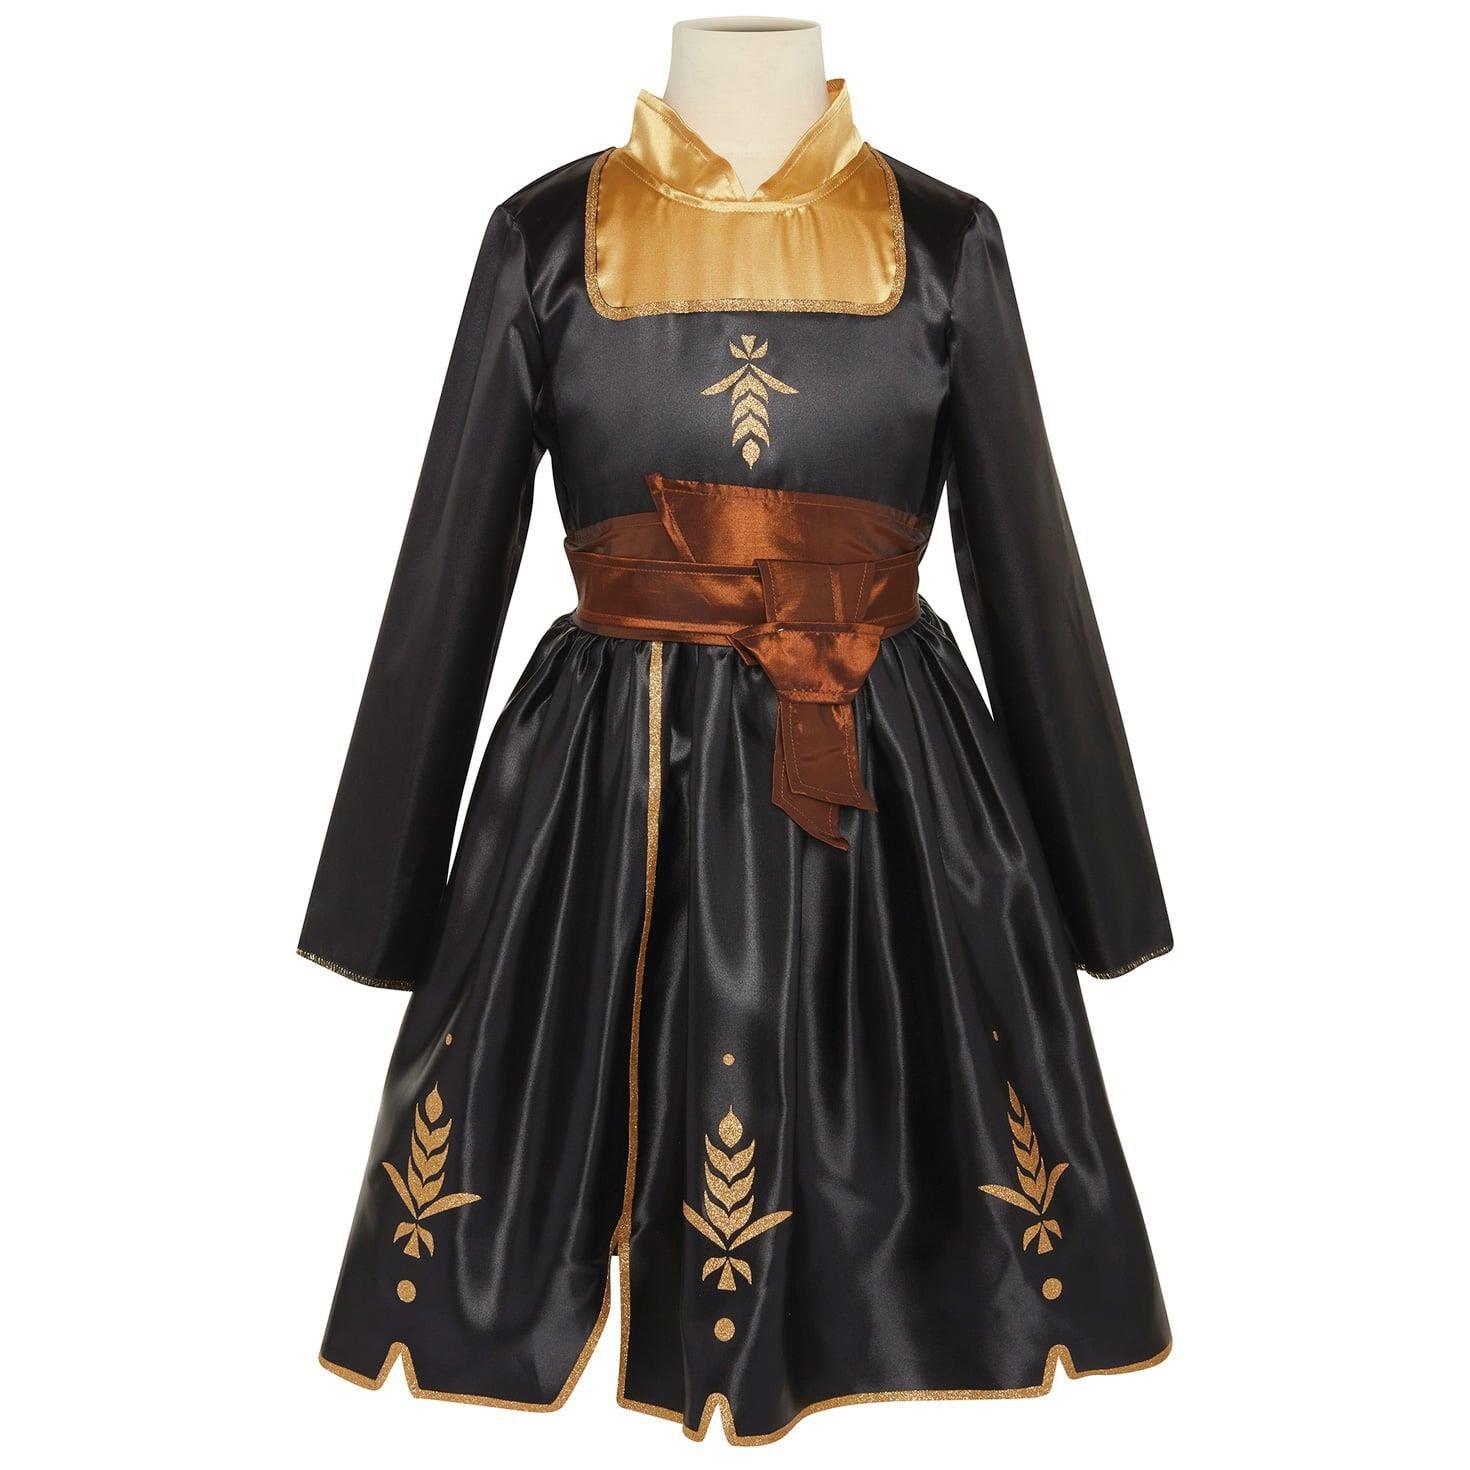 Disney Frozen 2 Anna Adventure Dress - Dolls \ Pretend Play - Hallmark